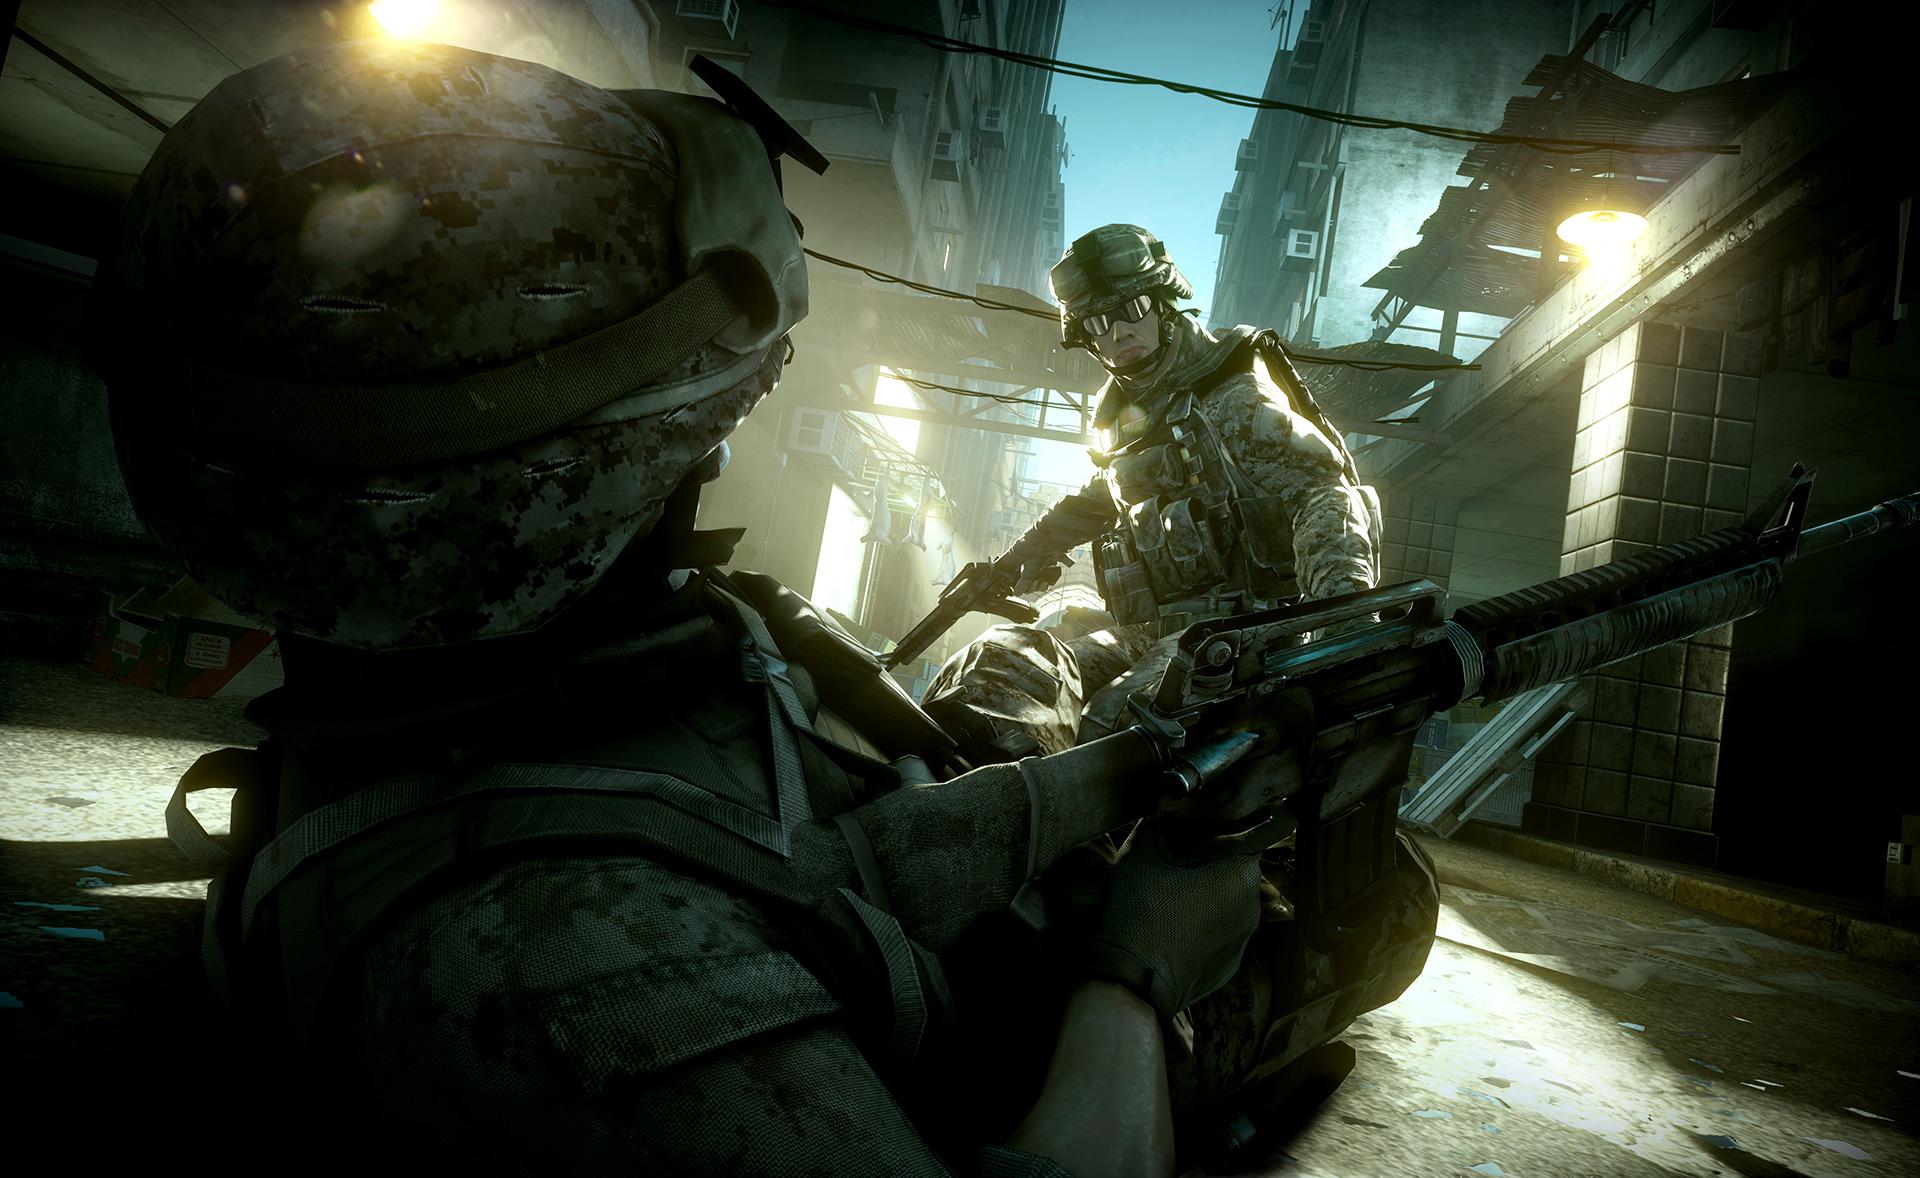 Este es el demo coop de Battlefield 3 en la GamesCom 2011 [Video]